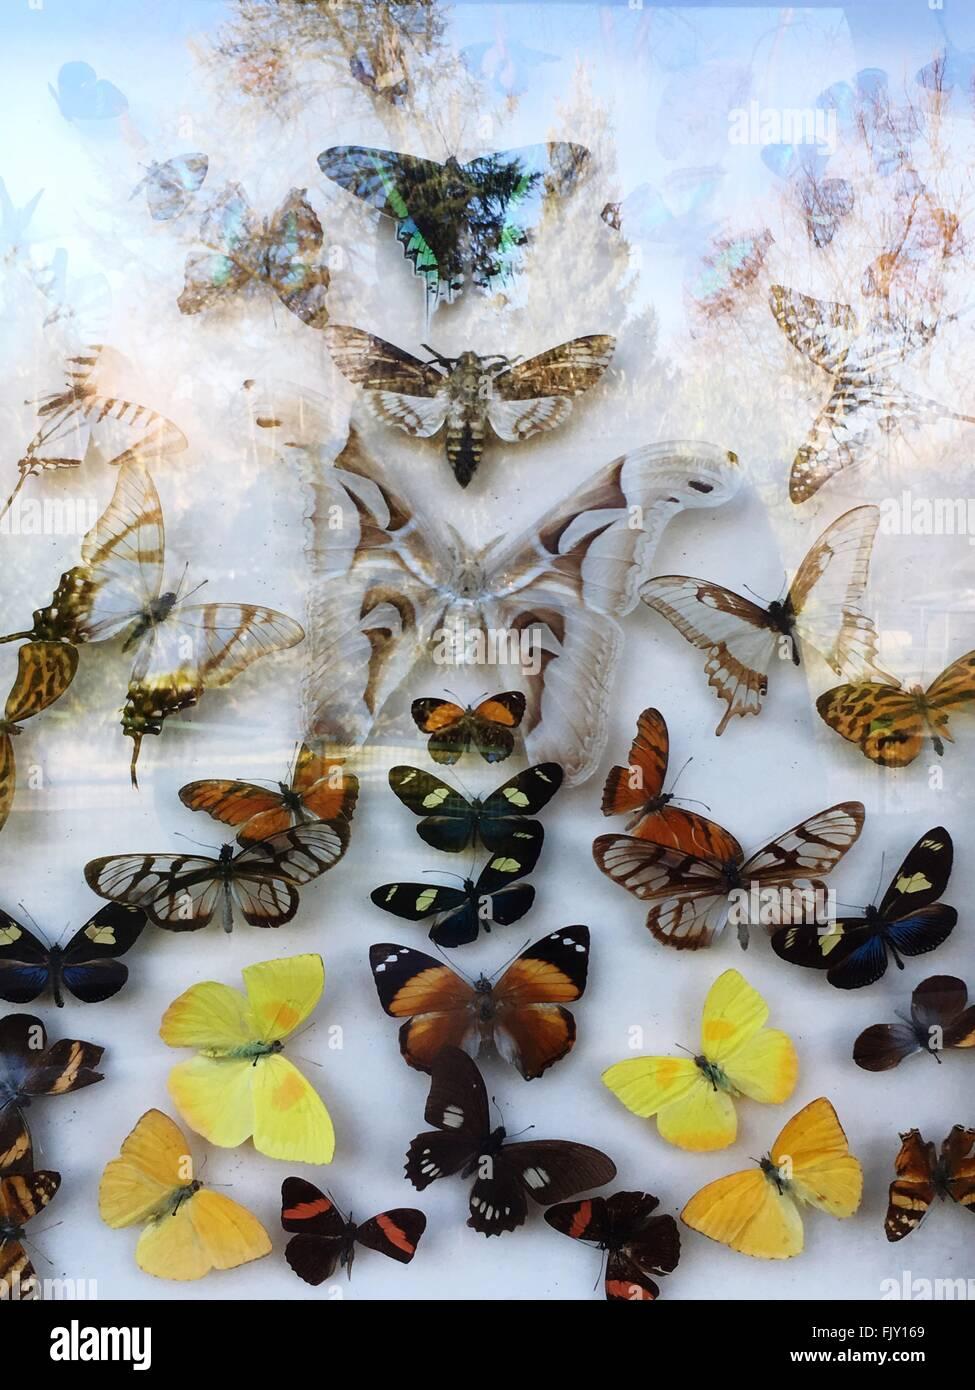 Artificial Butterflies Seen Through Glass - Stock Image